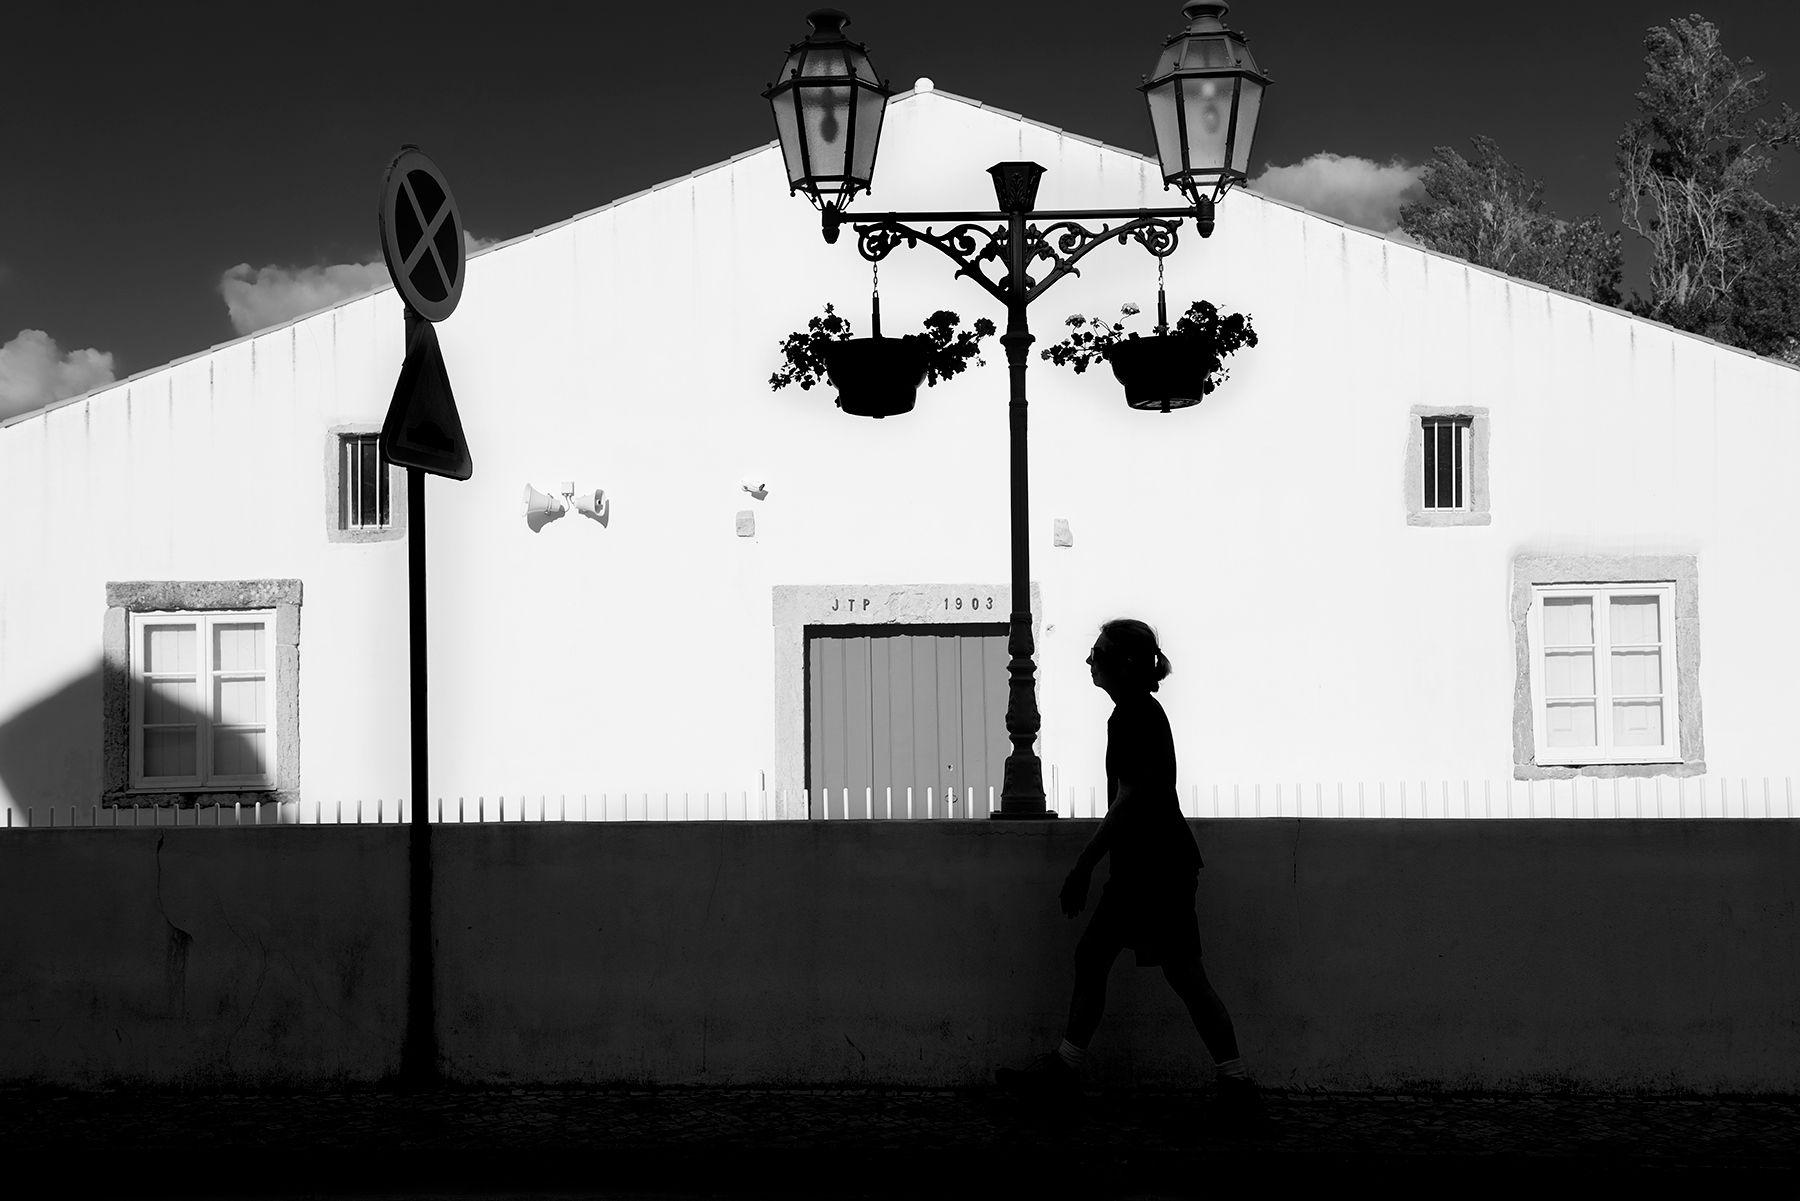 Pared blanca sobre cielo gris con sombras